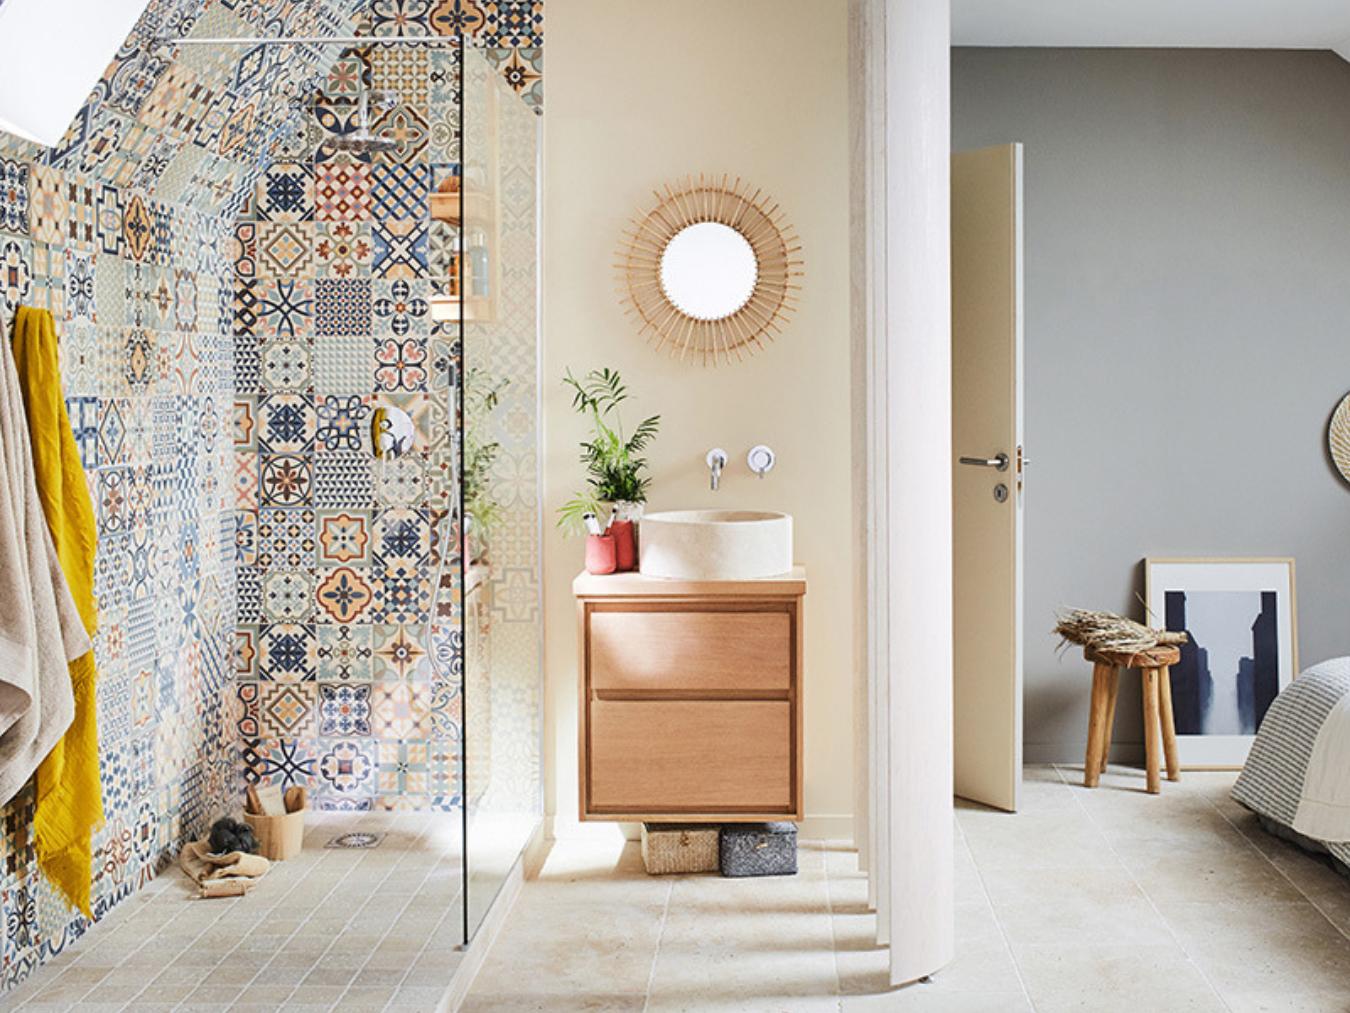 Carreaux de ciment dans la salle de bain : 19 idées inspirantes